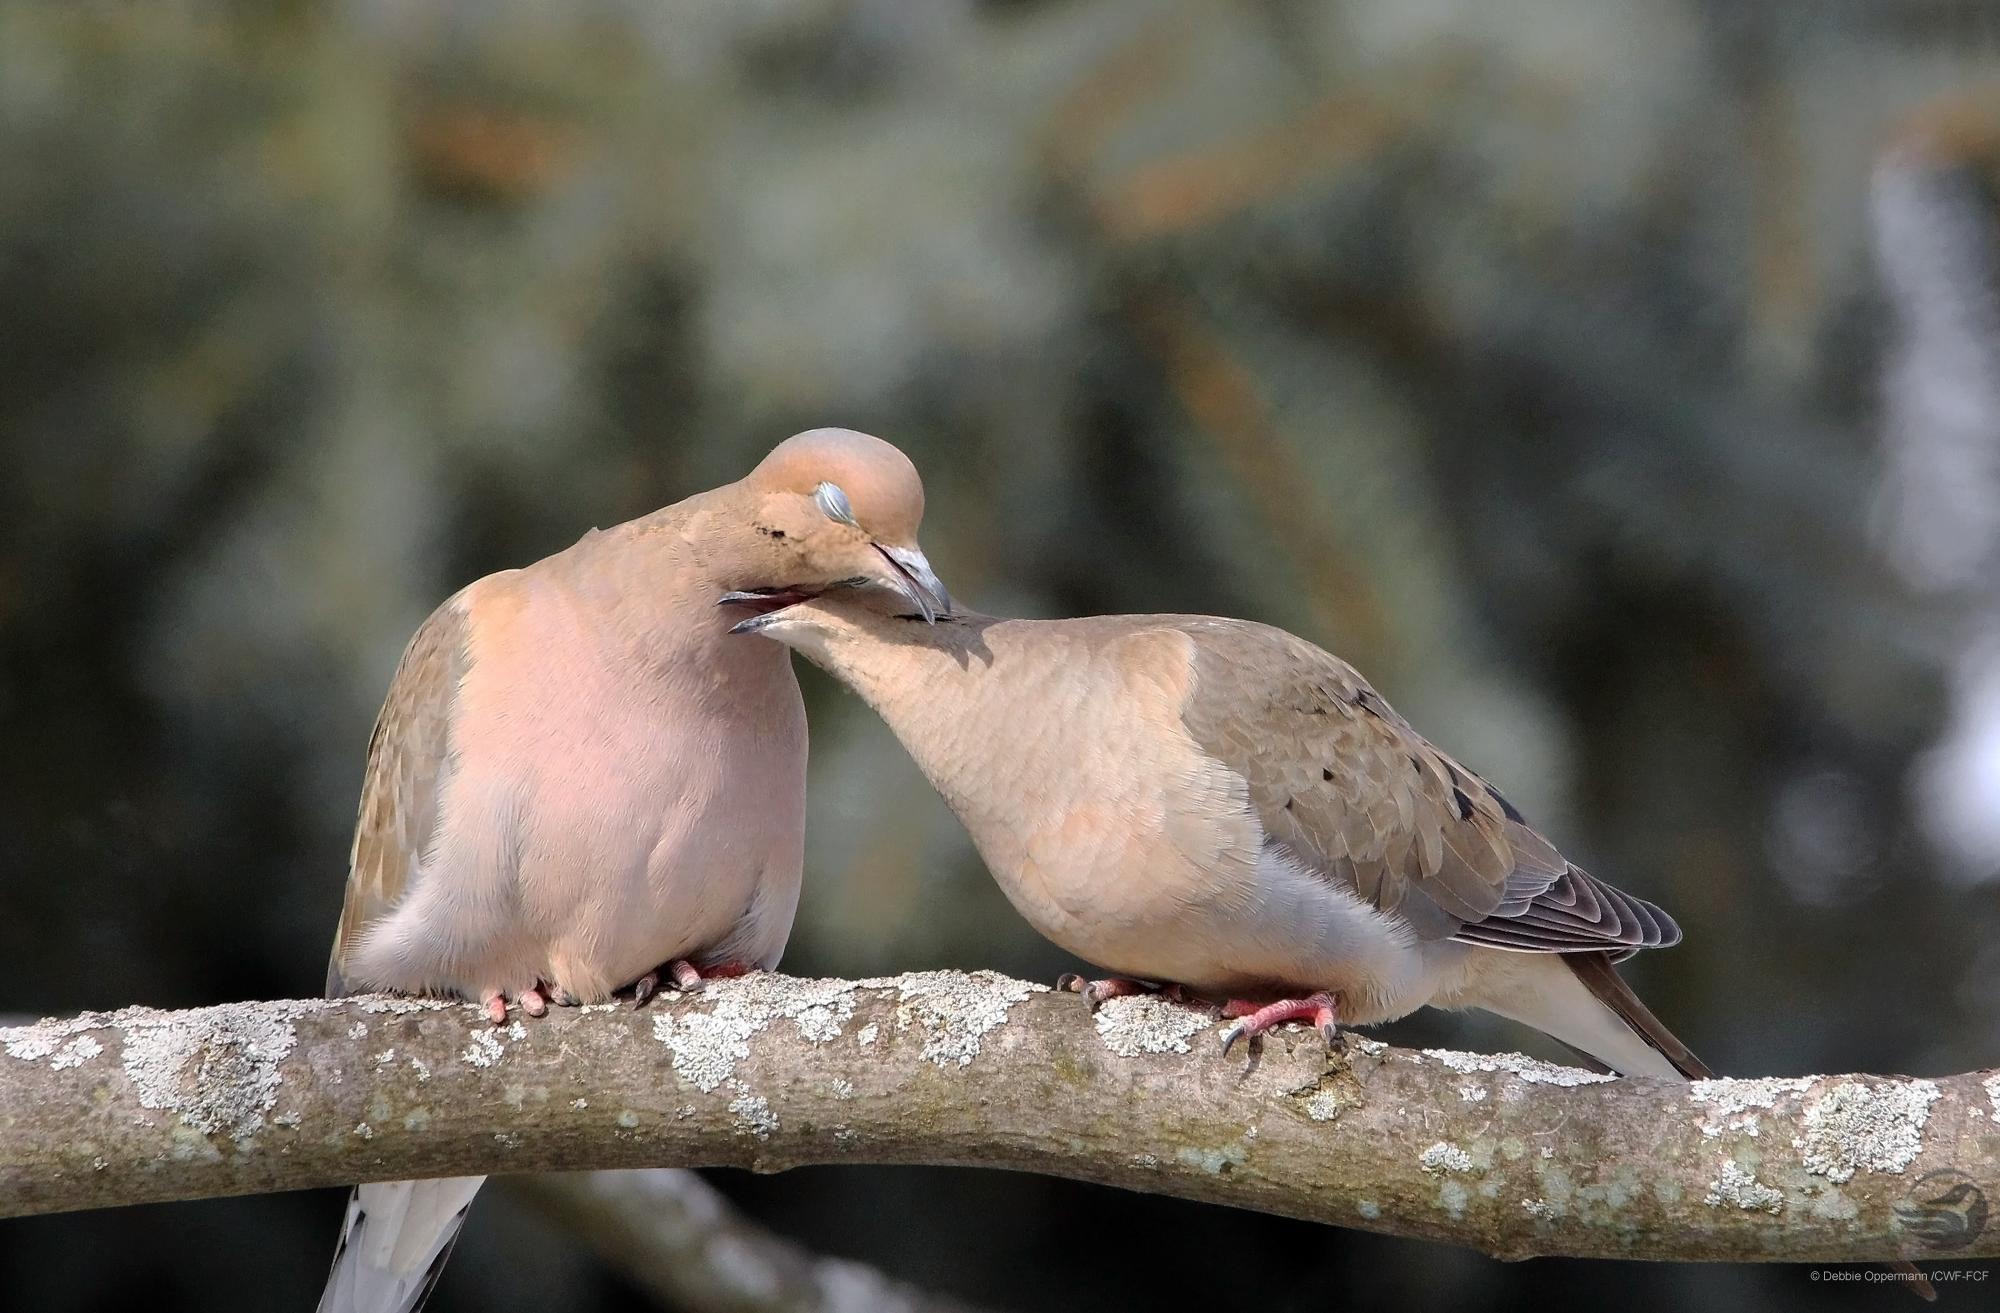 Doves cuddling